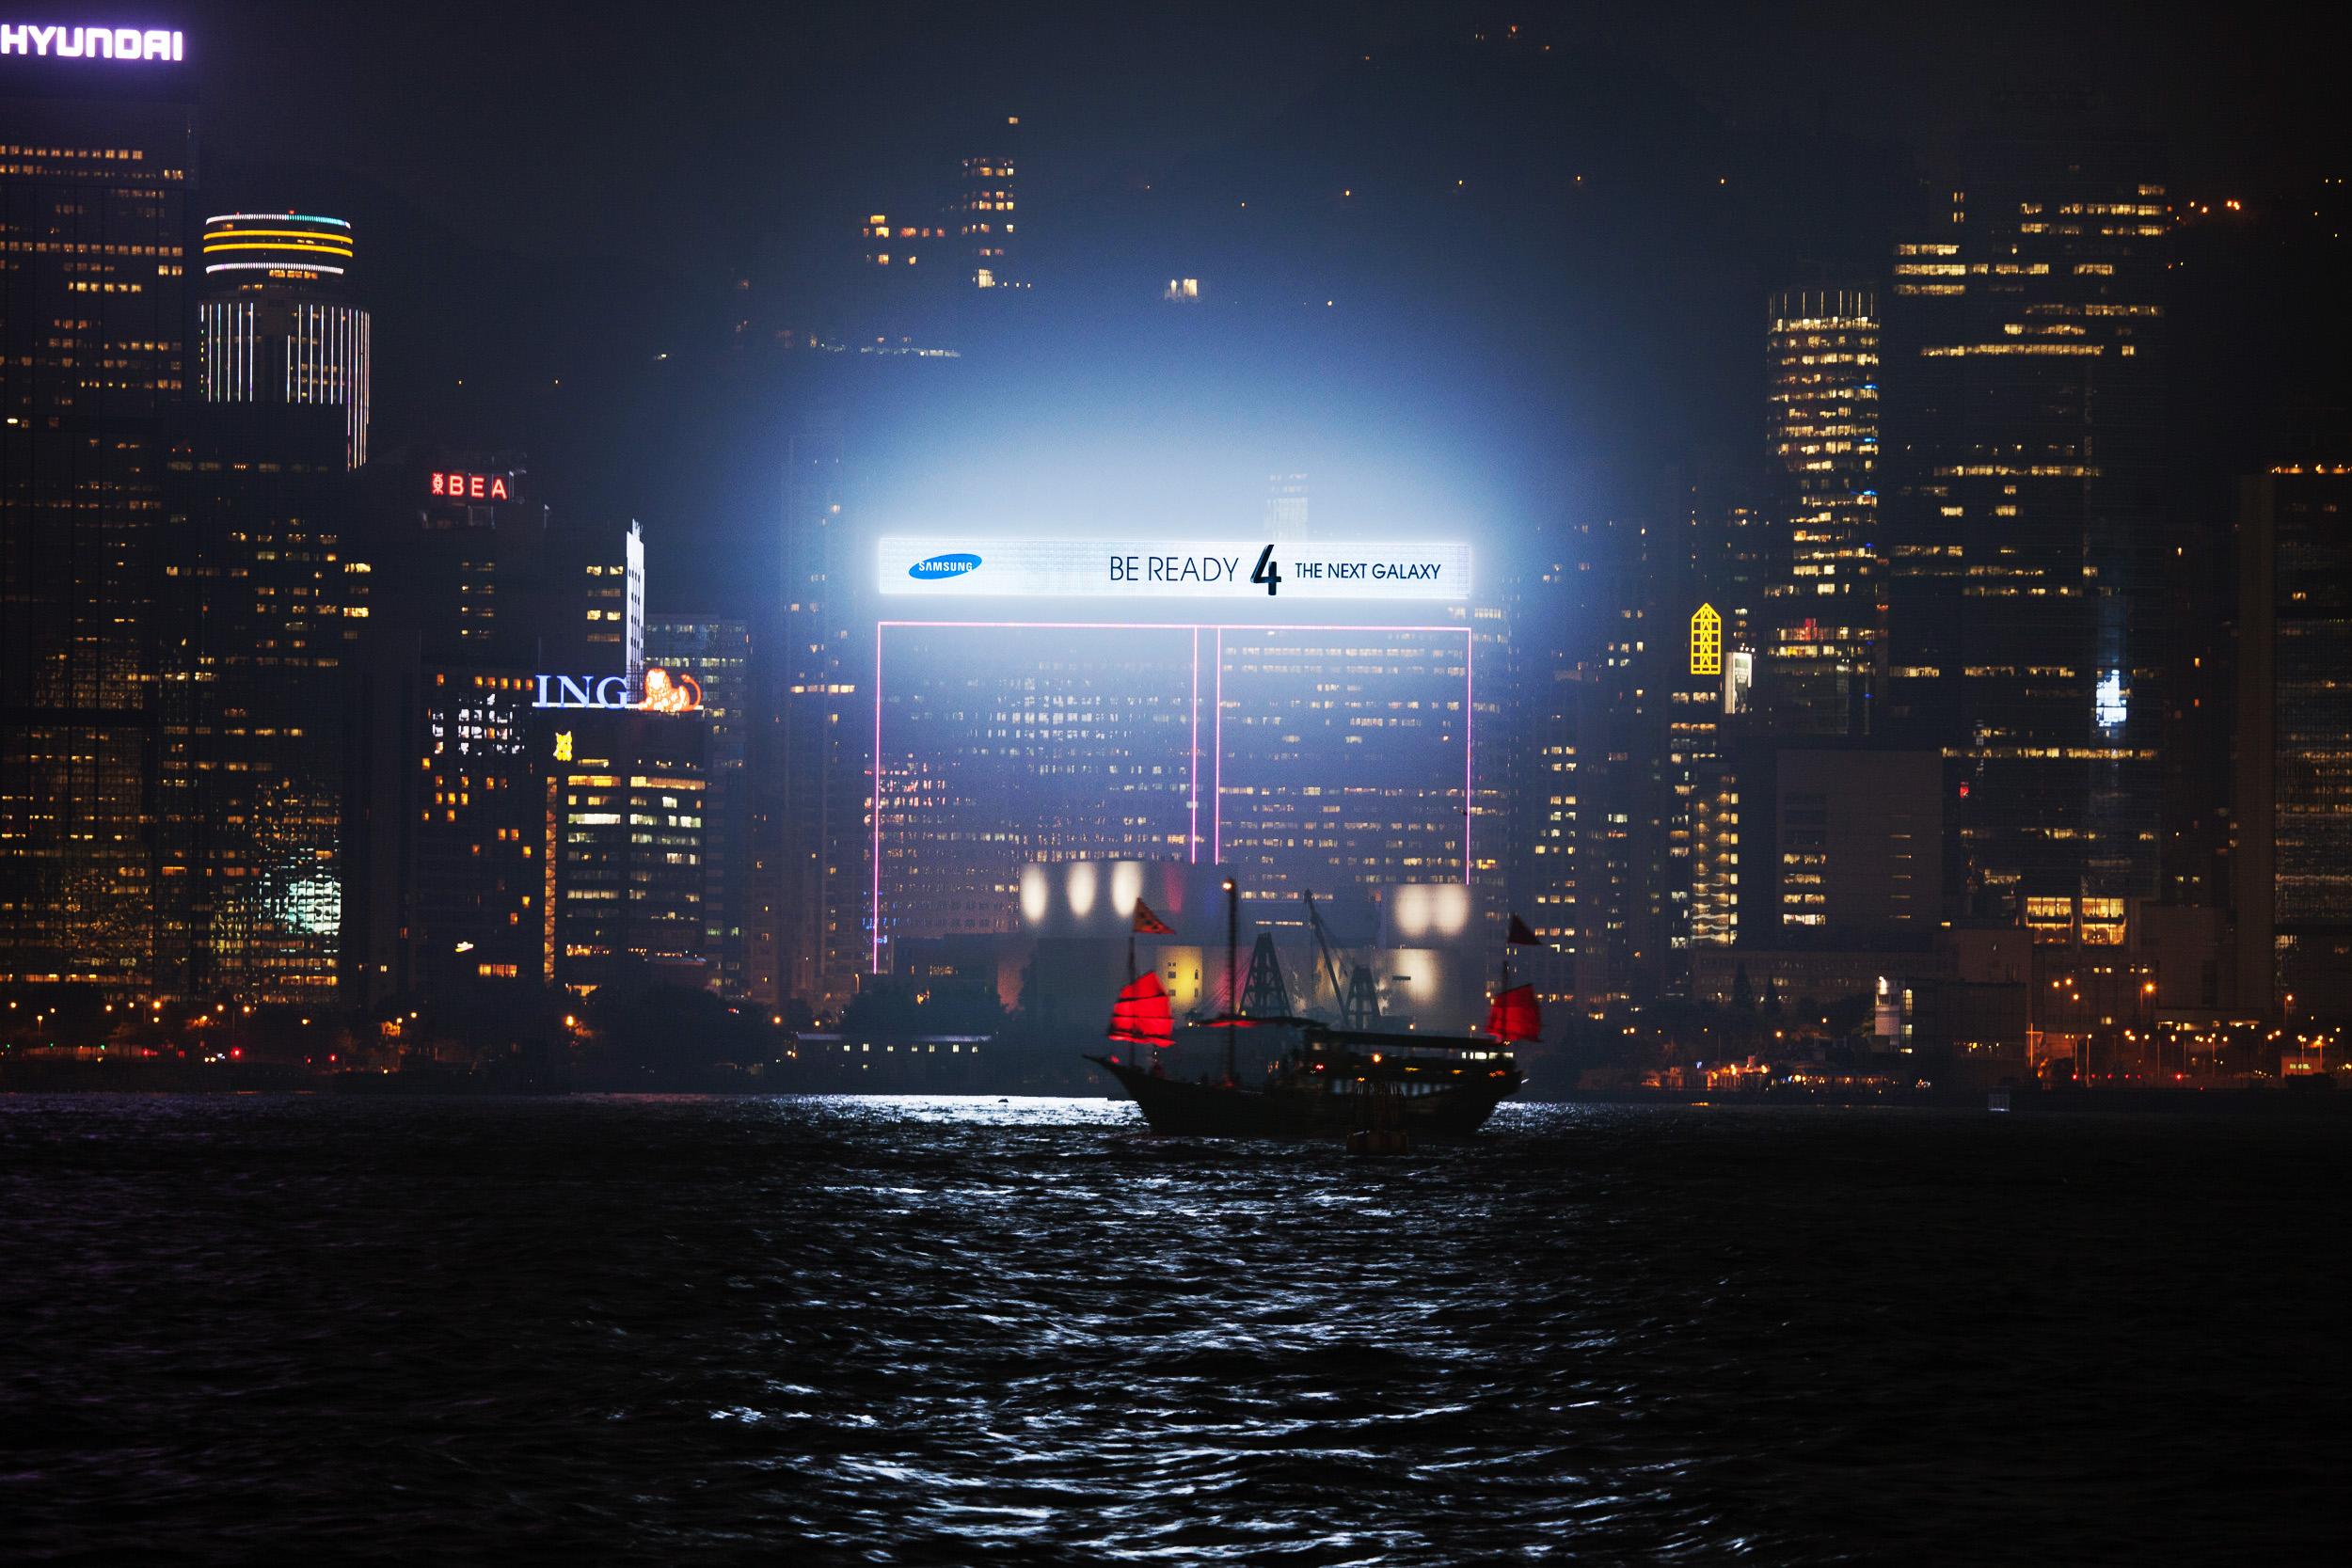 홍콩에 설치한 대형광고판 야경모습